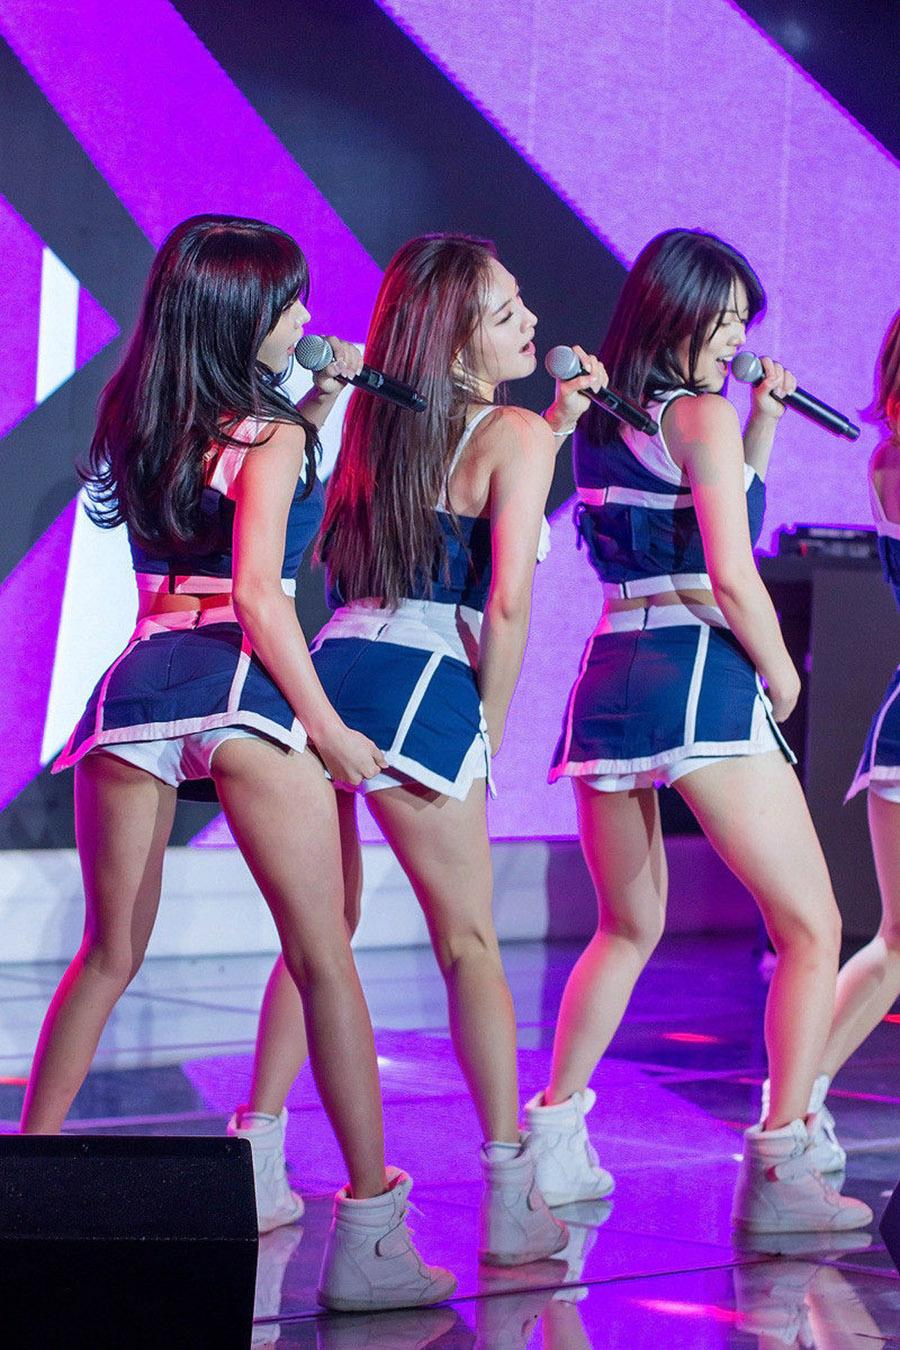 【有名人,素人画像】K-POP,韓国女性あいどるのコンサート行ったらむらむらしてトイレ駆け込んでしまいそうwwwwwwwwwwwwwww(画像あり)